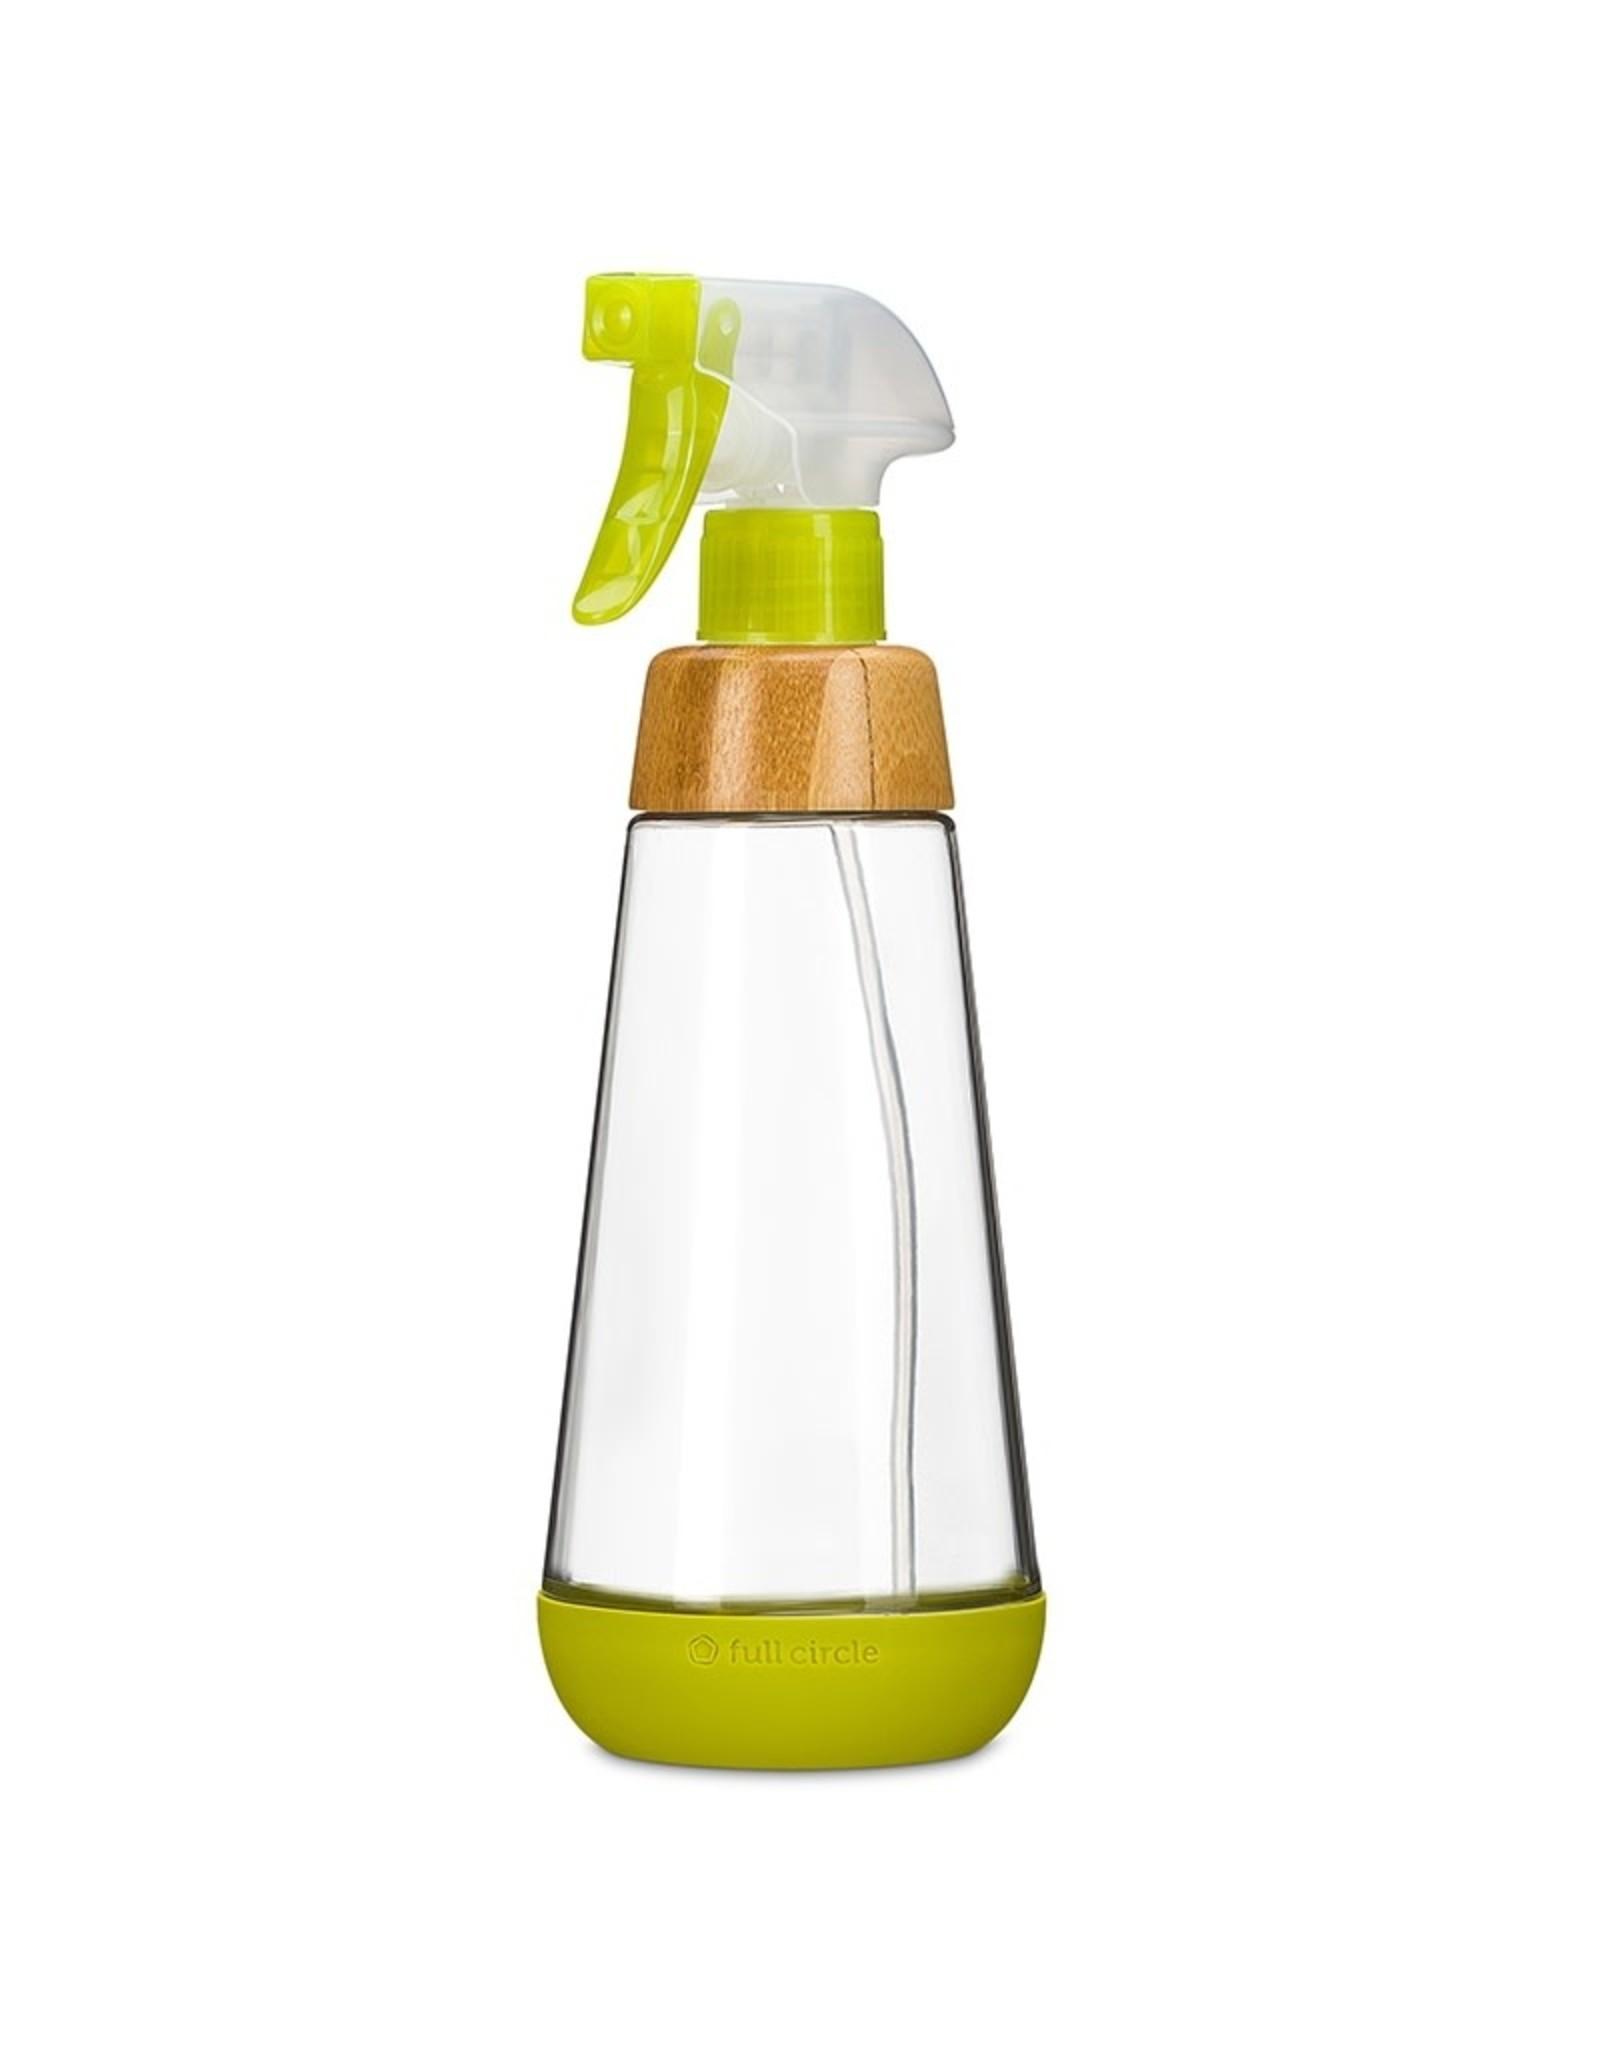 Full Circle Bottle Service - Spray Bottle - Green